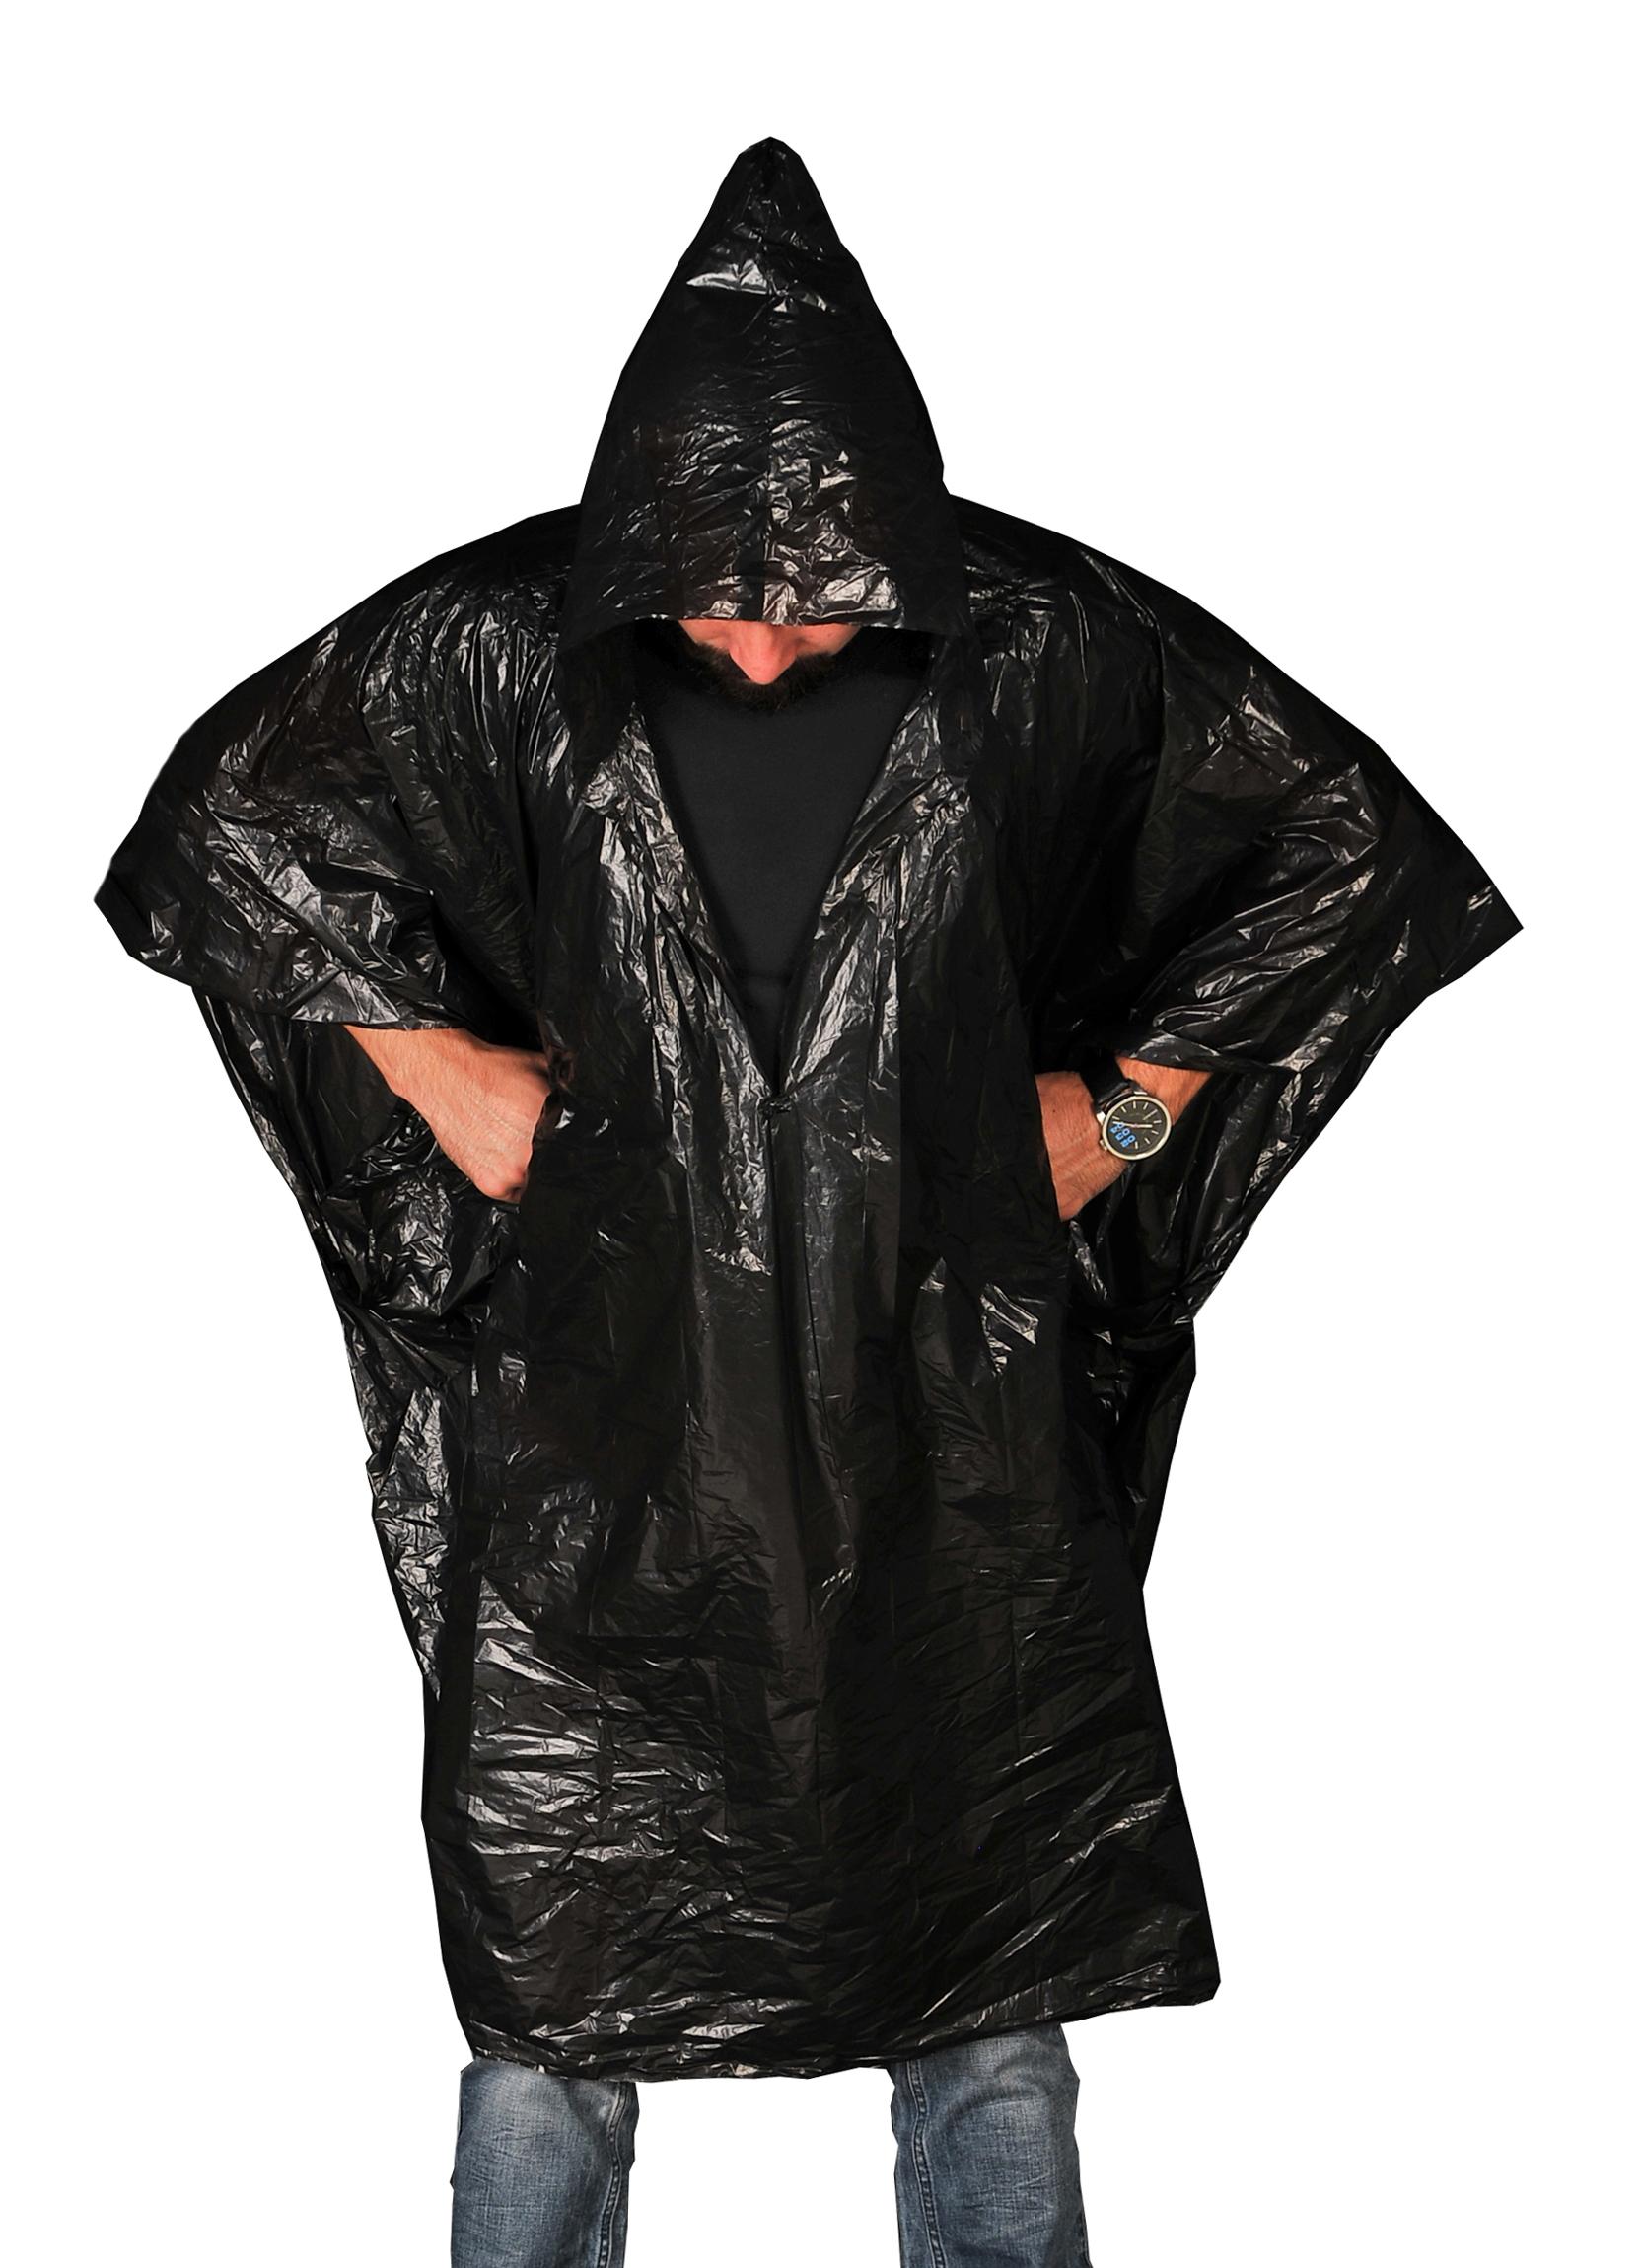 Ebola Prevention Gotta Go Poncho Eliminates Transmission